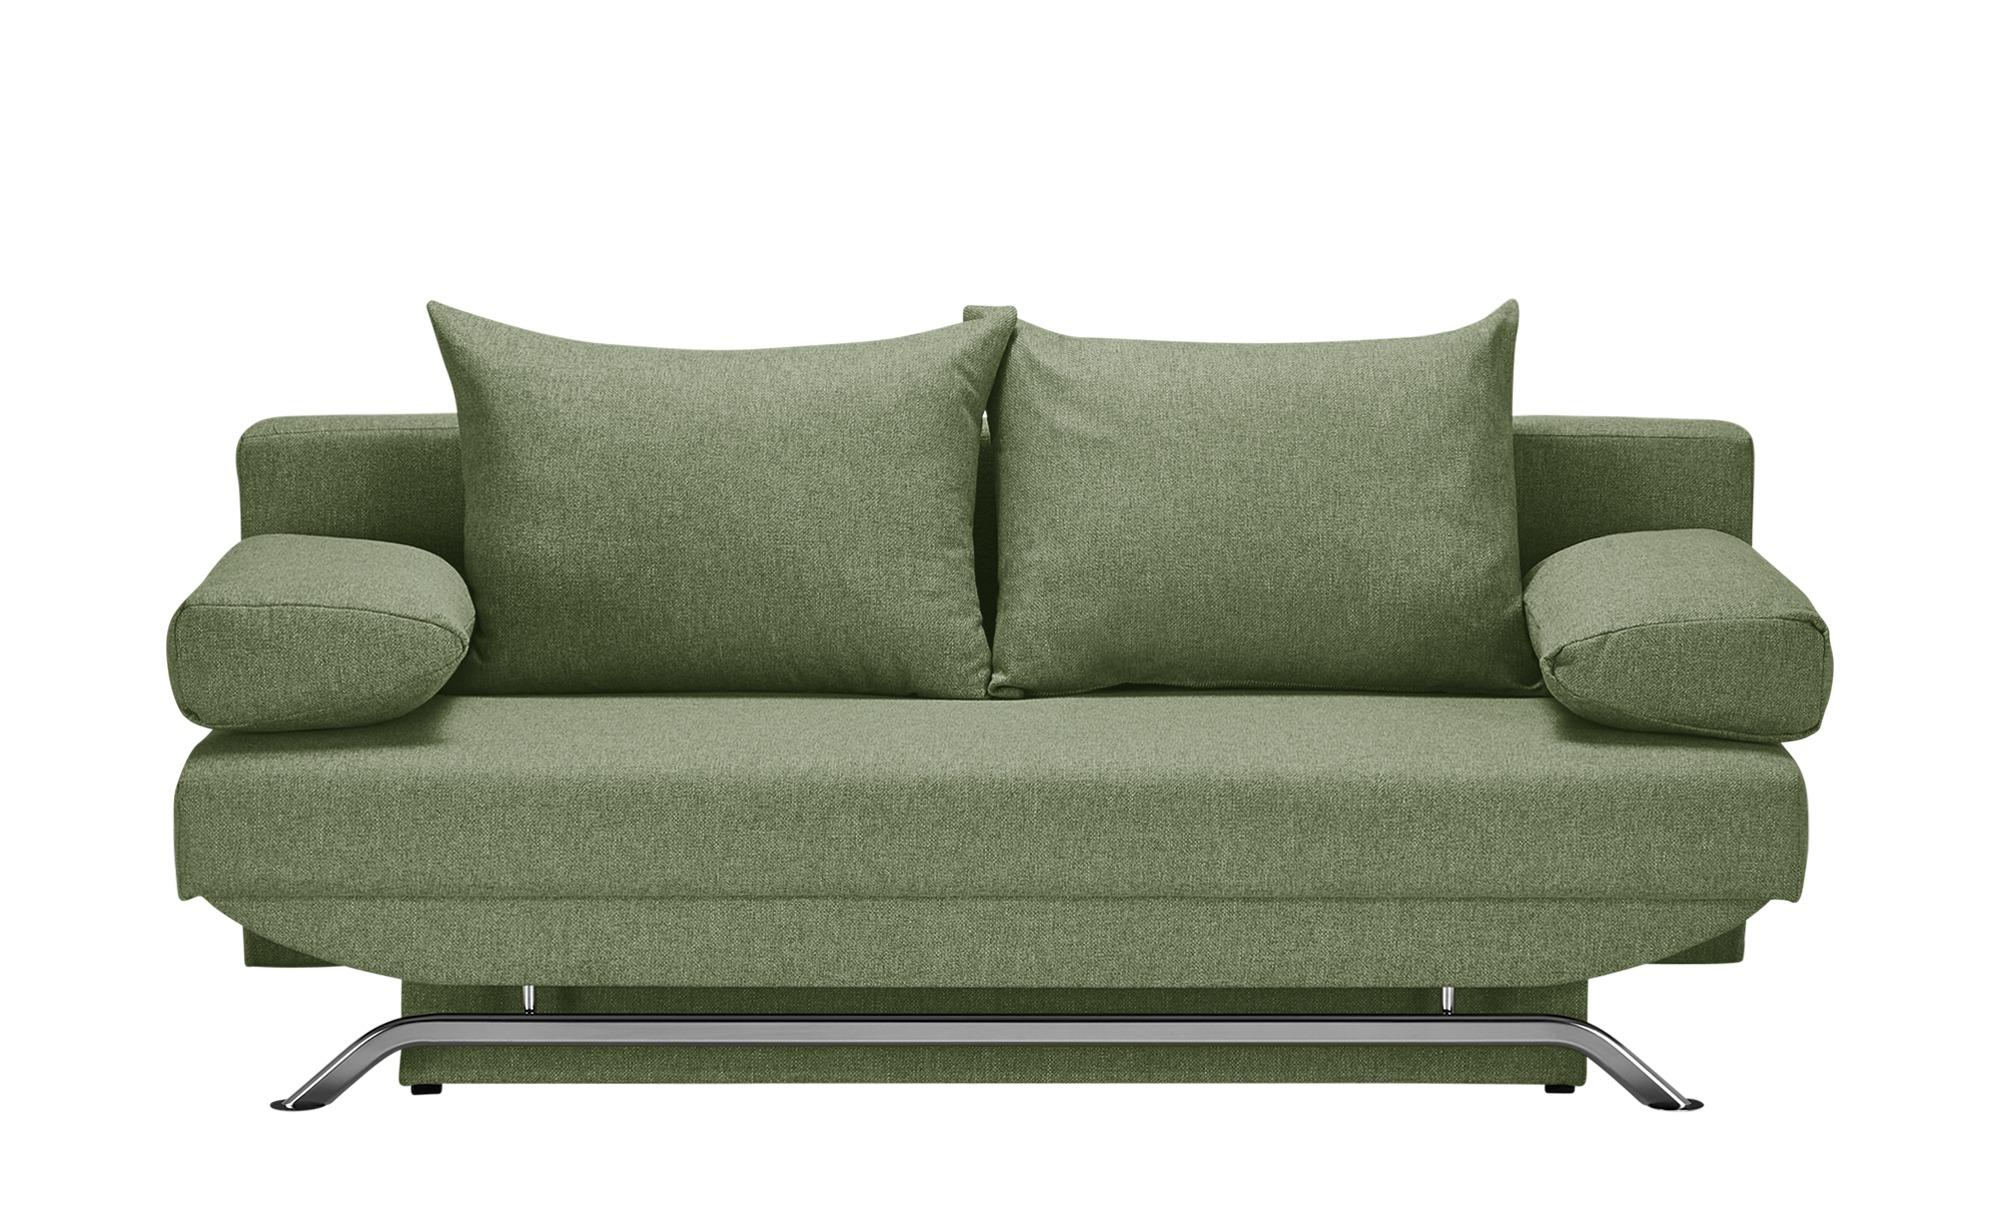 smart Schlafsofa grün - Flachgewebe Grit ¦ grün ¦ Maße (cm): B: 195 H: 76 T: 91 Polstermöbel > Sofas > Einzelsofas - Höffner